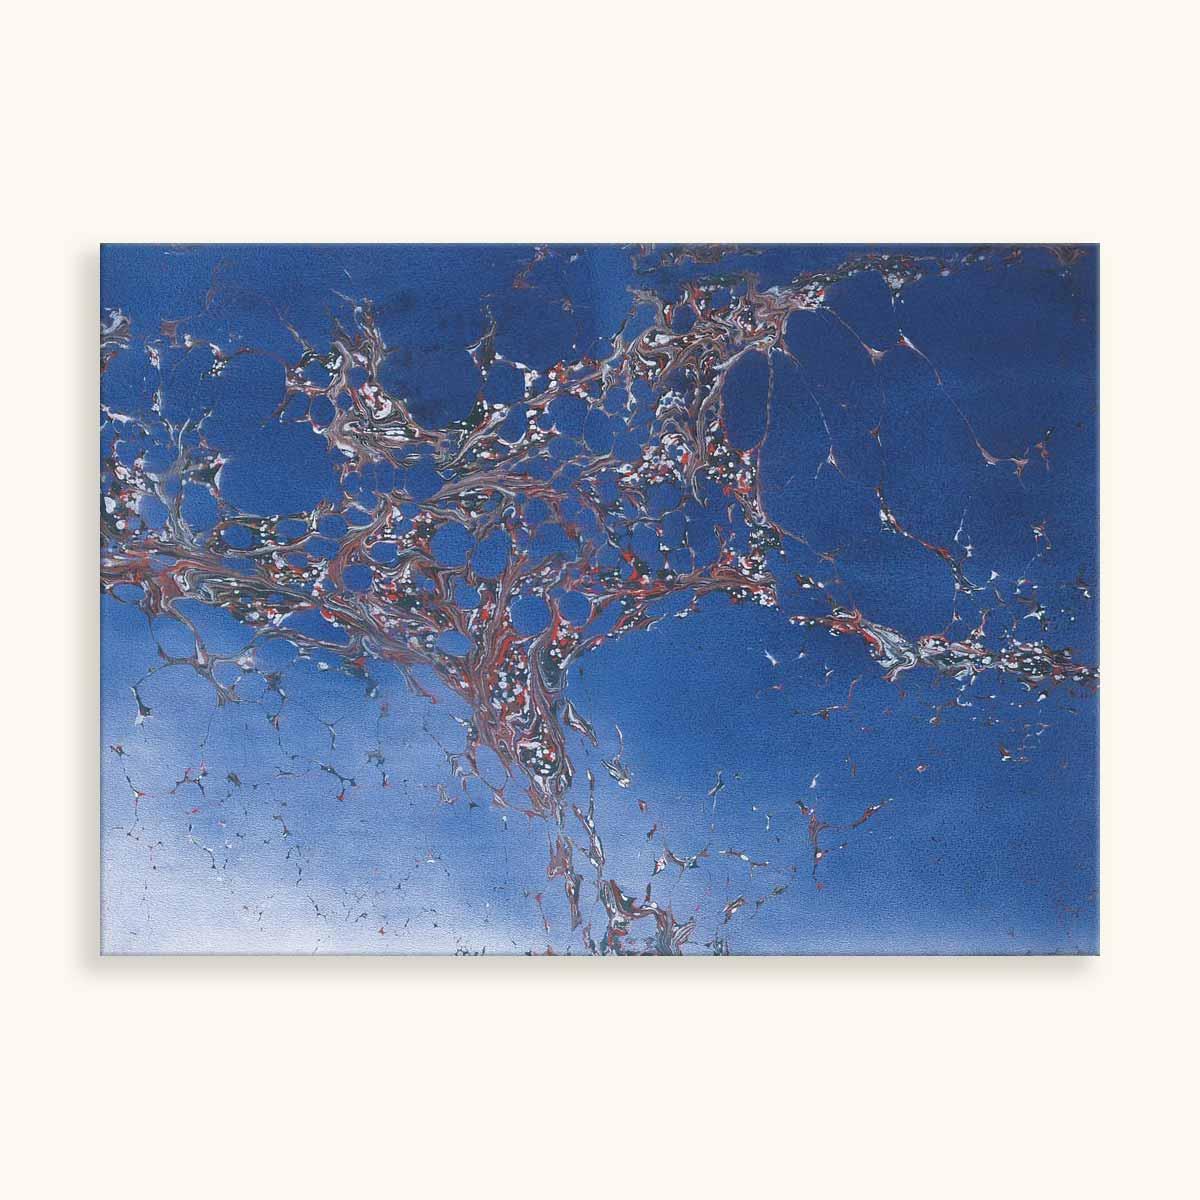 gürel ebrusu özgün kompozisyon No 24